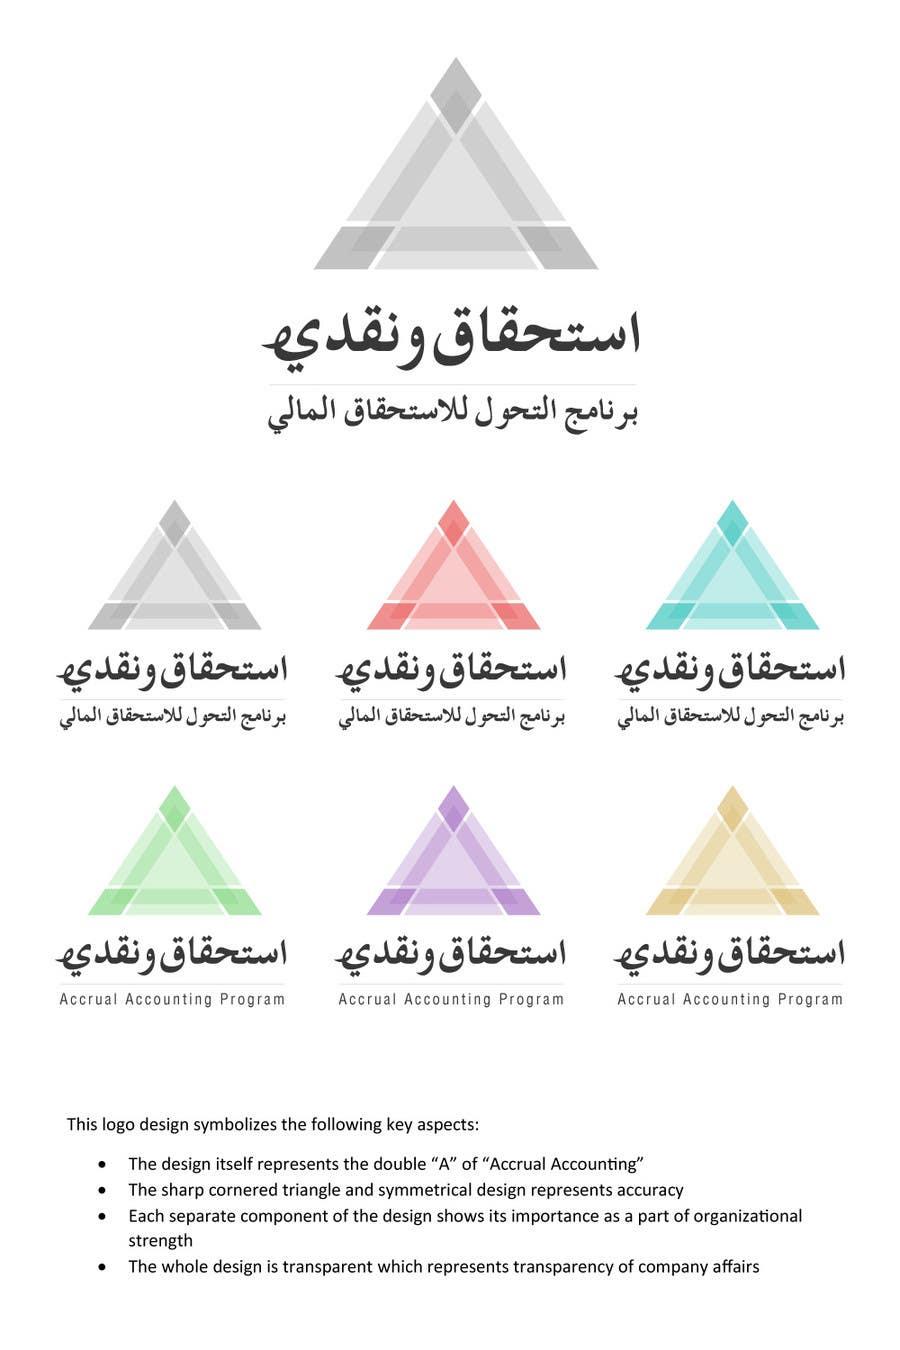 Penyertaan Peraduan #46 untuk Design a Logo for a financial system